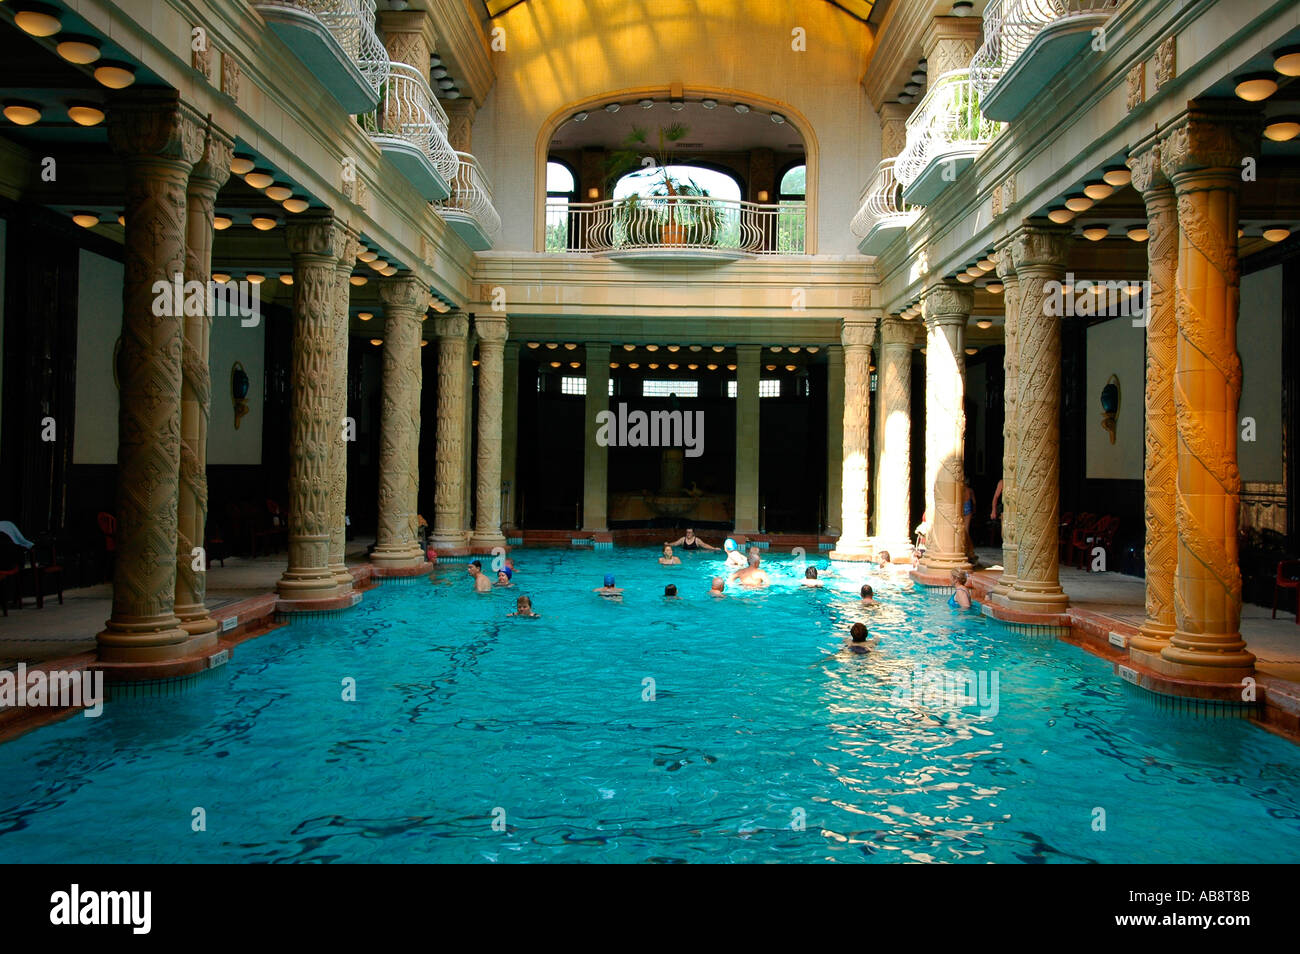 Bagni Termali Gellert : La gente di balneazione in una spumeggiante piscina di gellert bagni